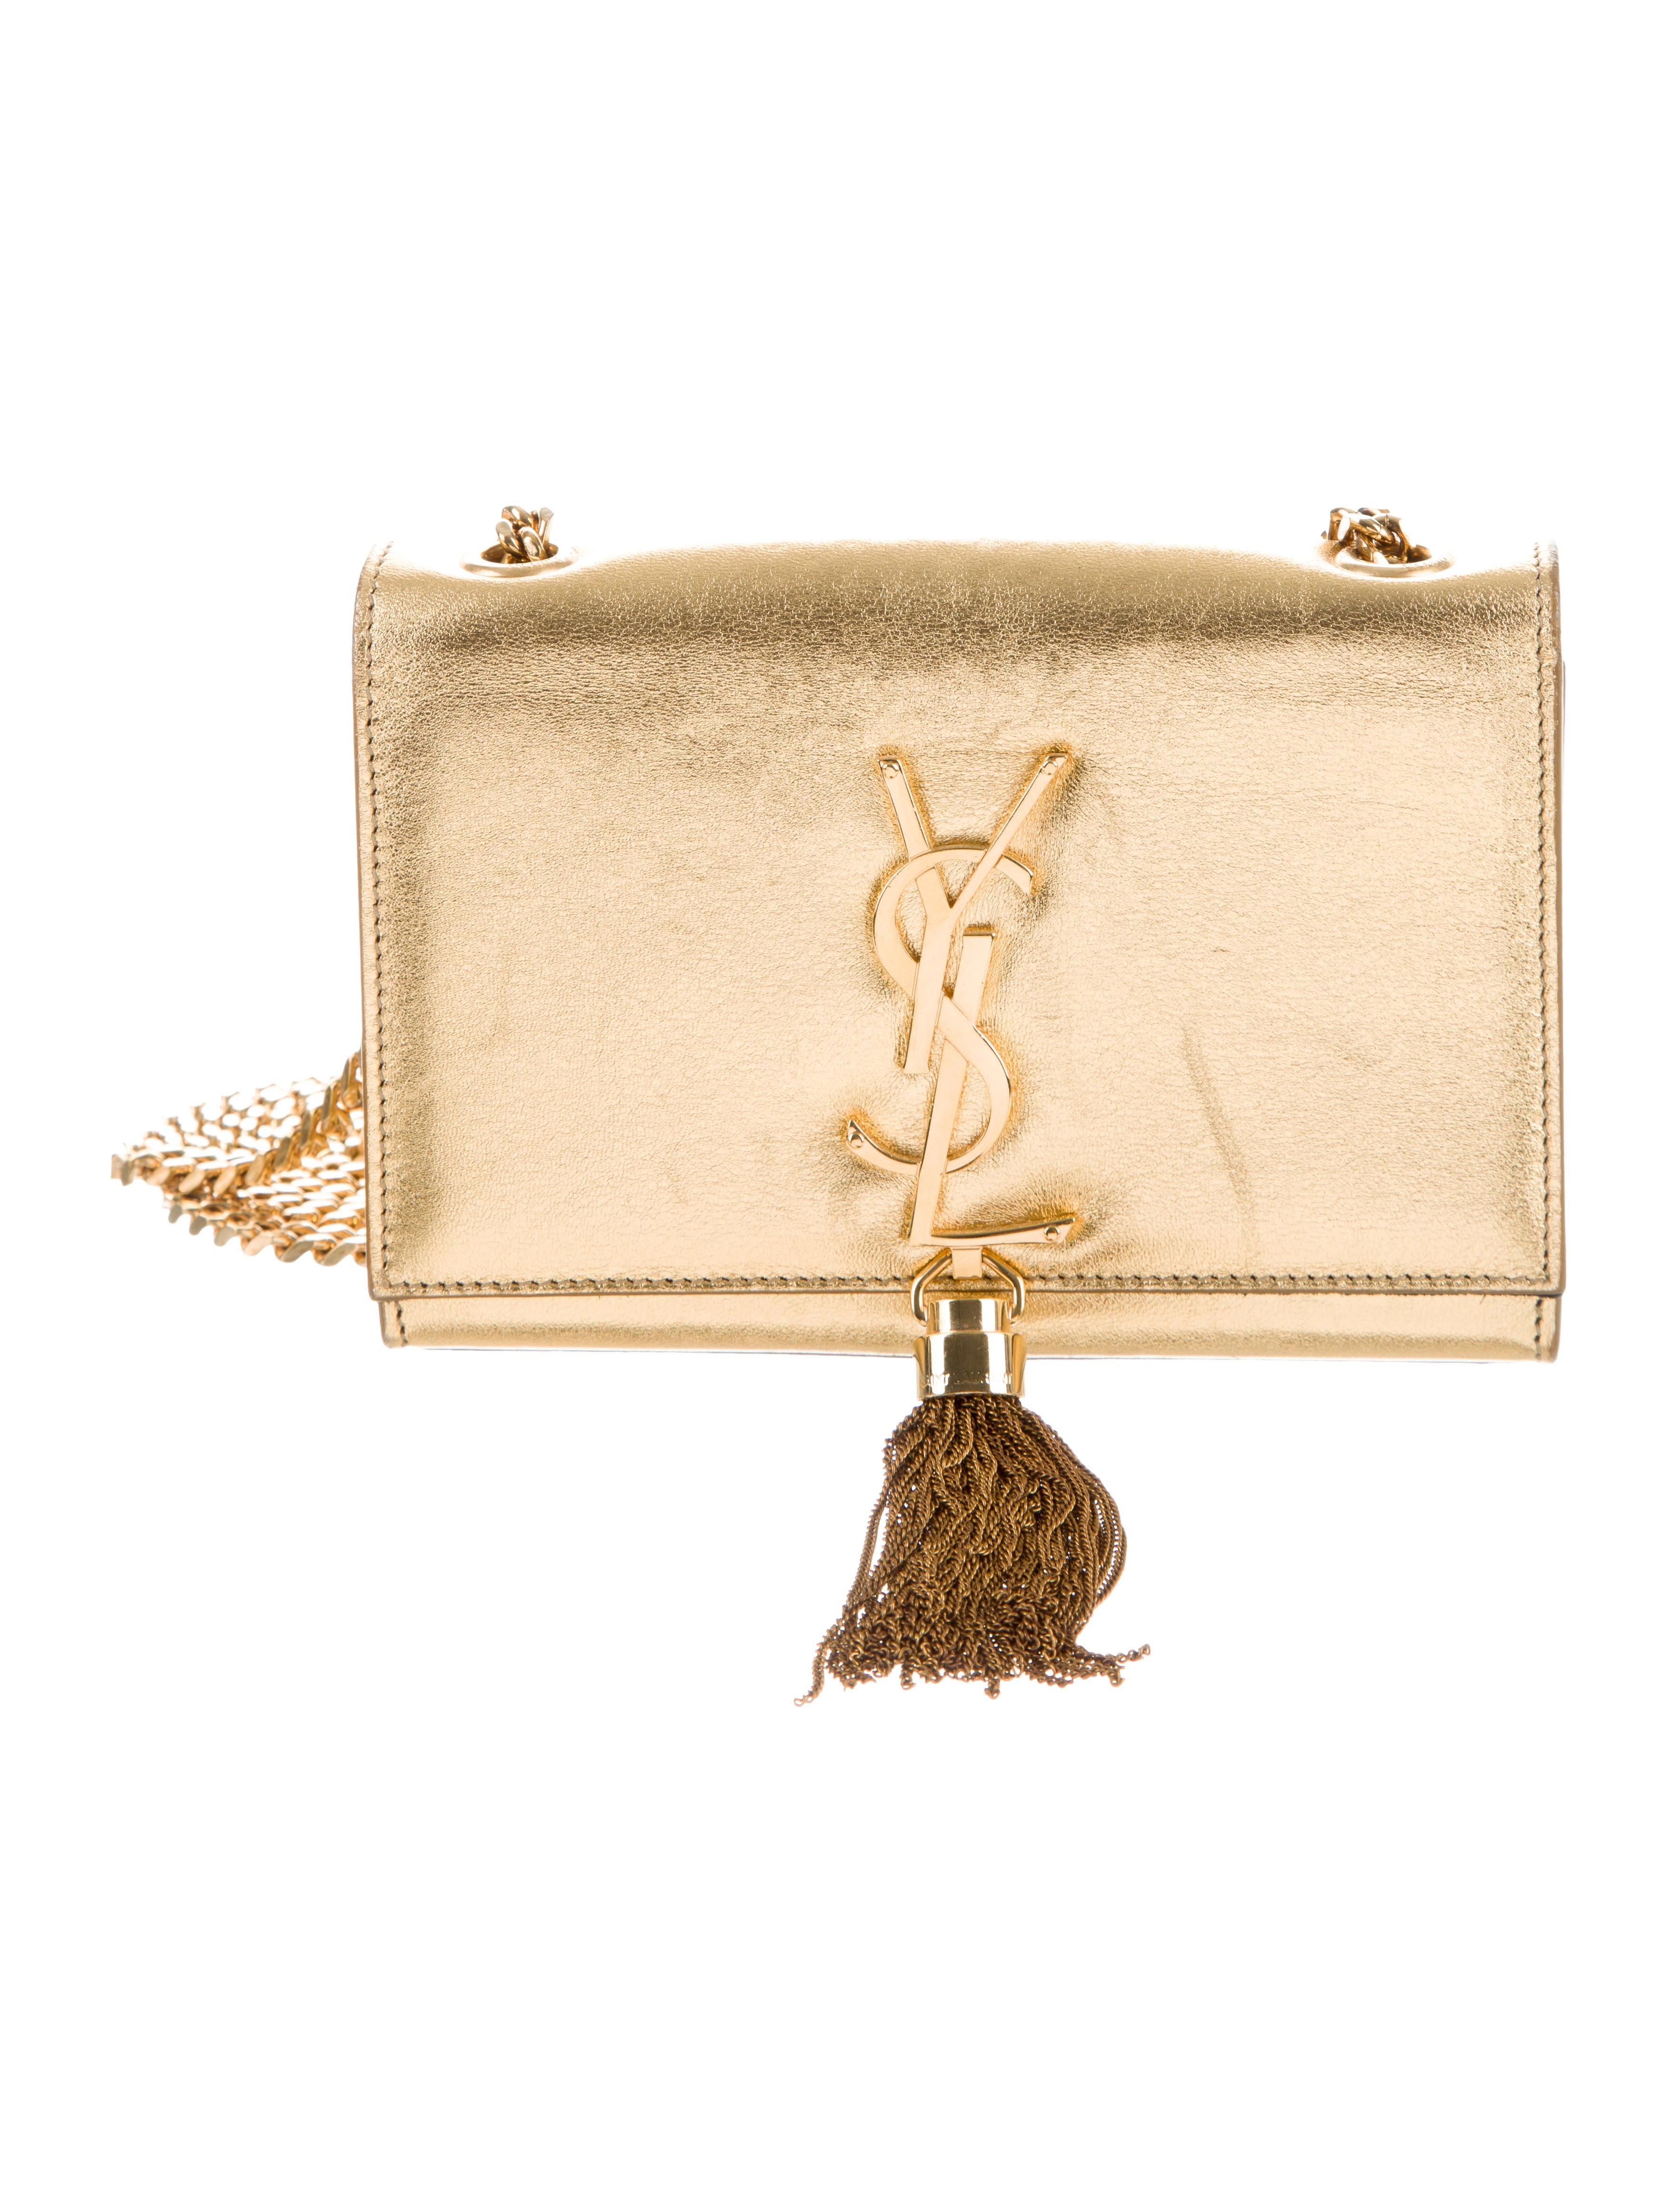 aa4b1a2f308 Saint Laurent Leather Kate Monogram Tassel Bag - Handbags - SNT55162 ...